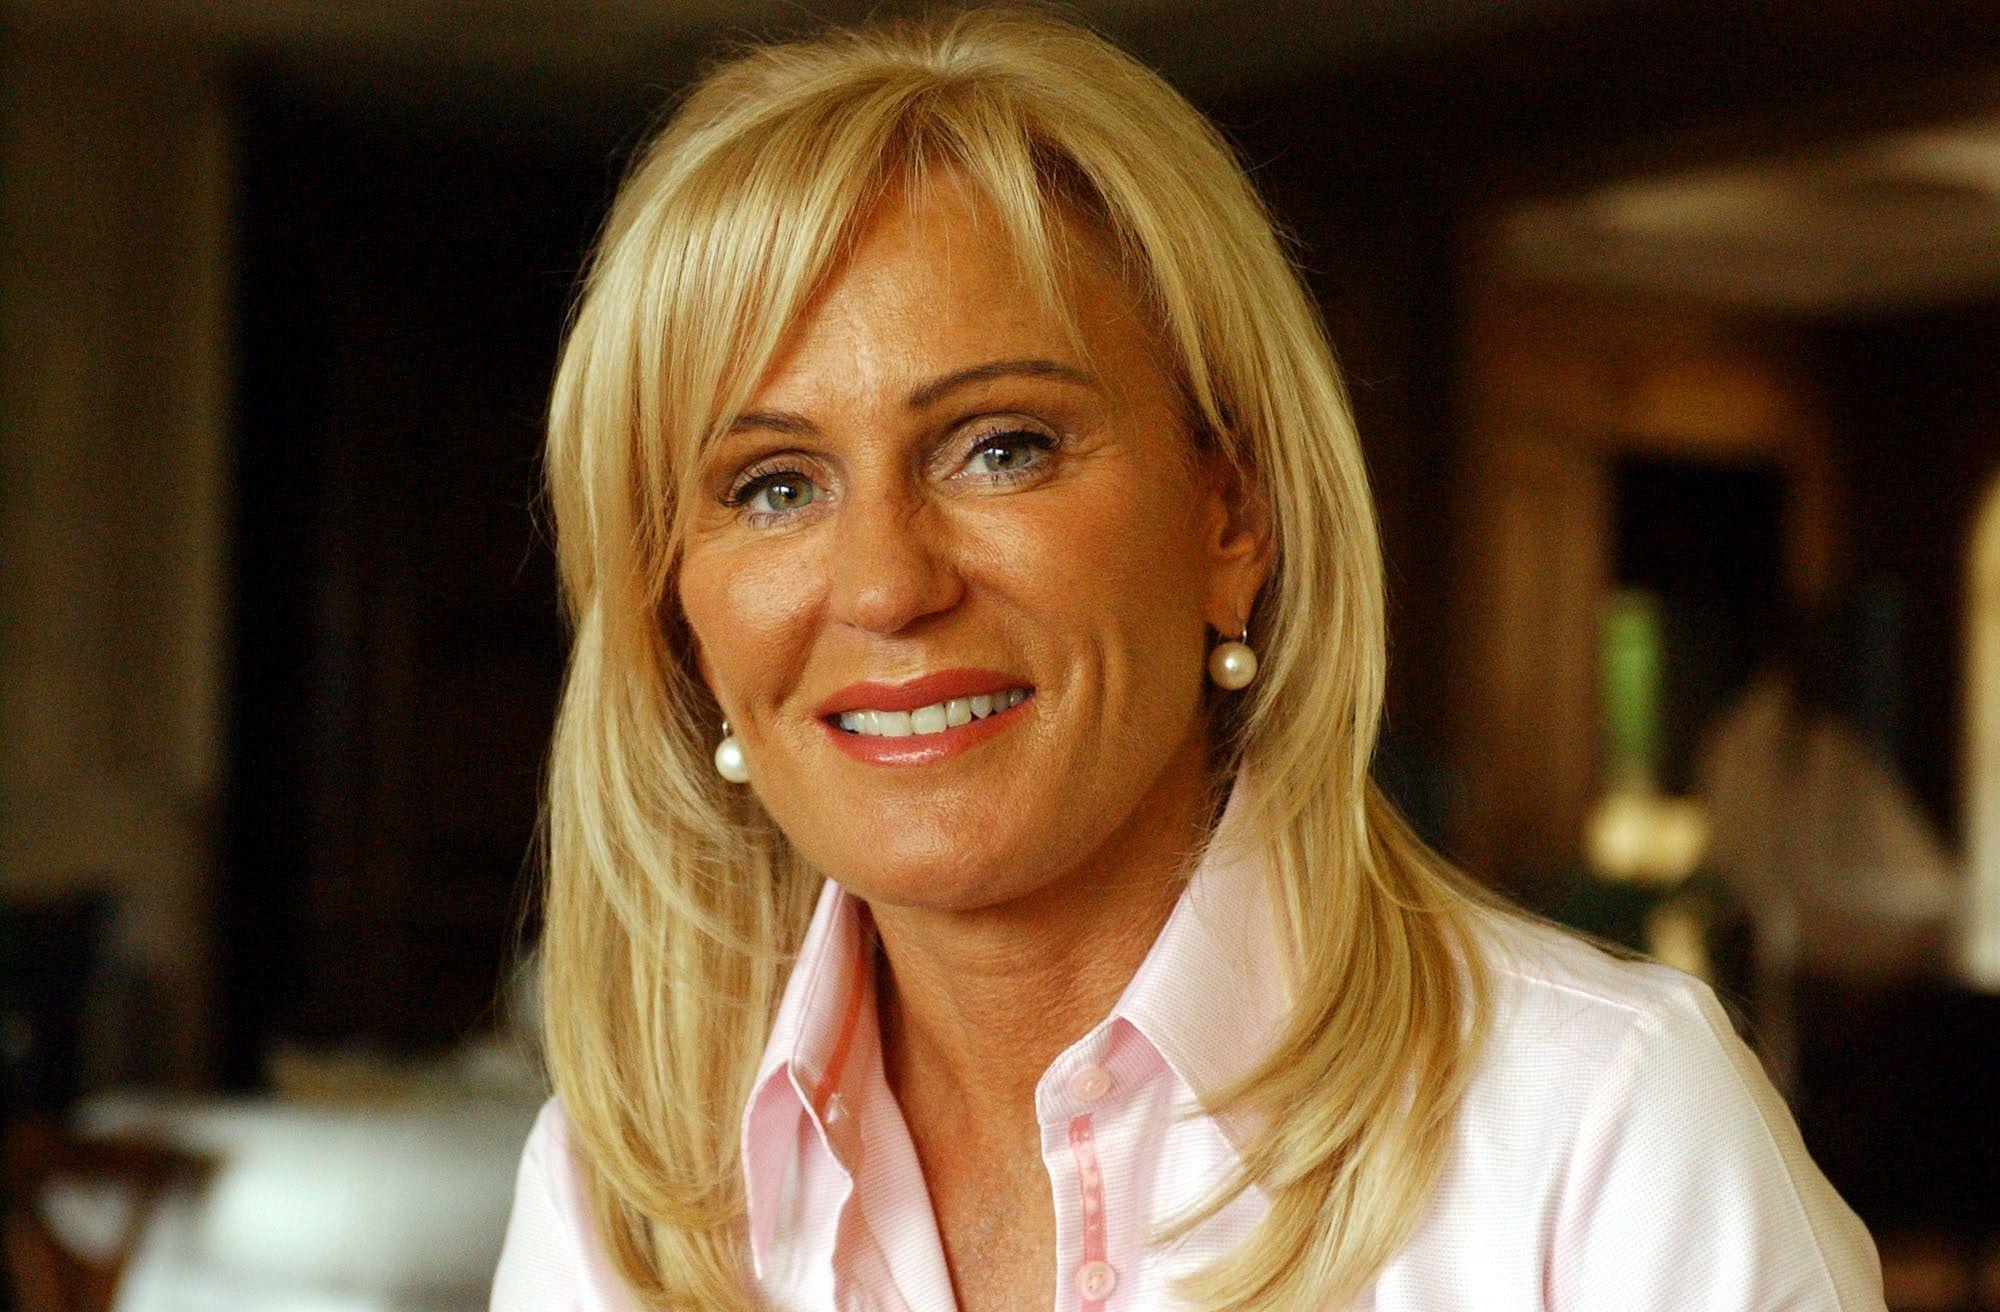 Australia's 30 richest self-made women : Julia Ross Net